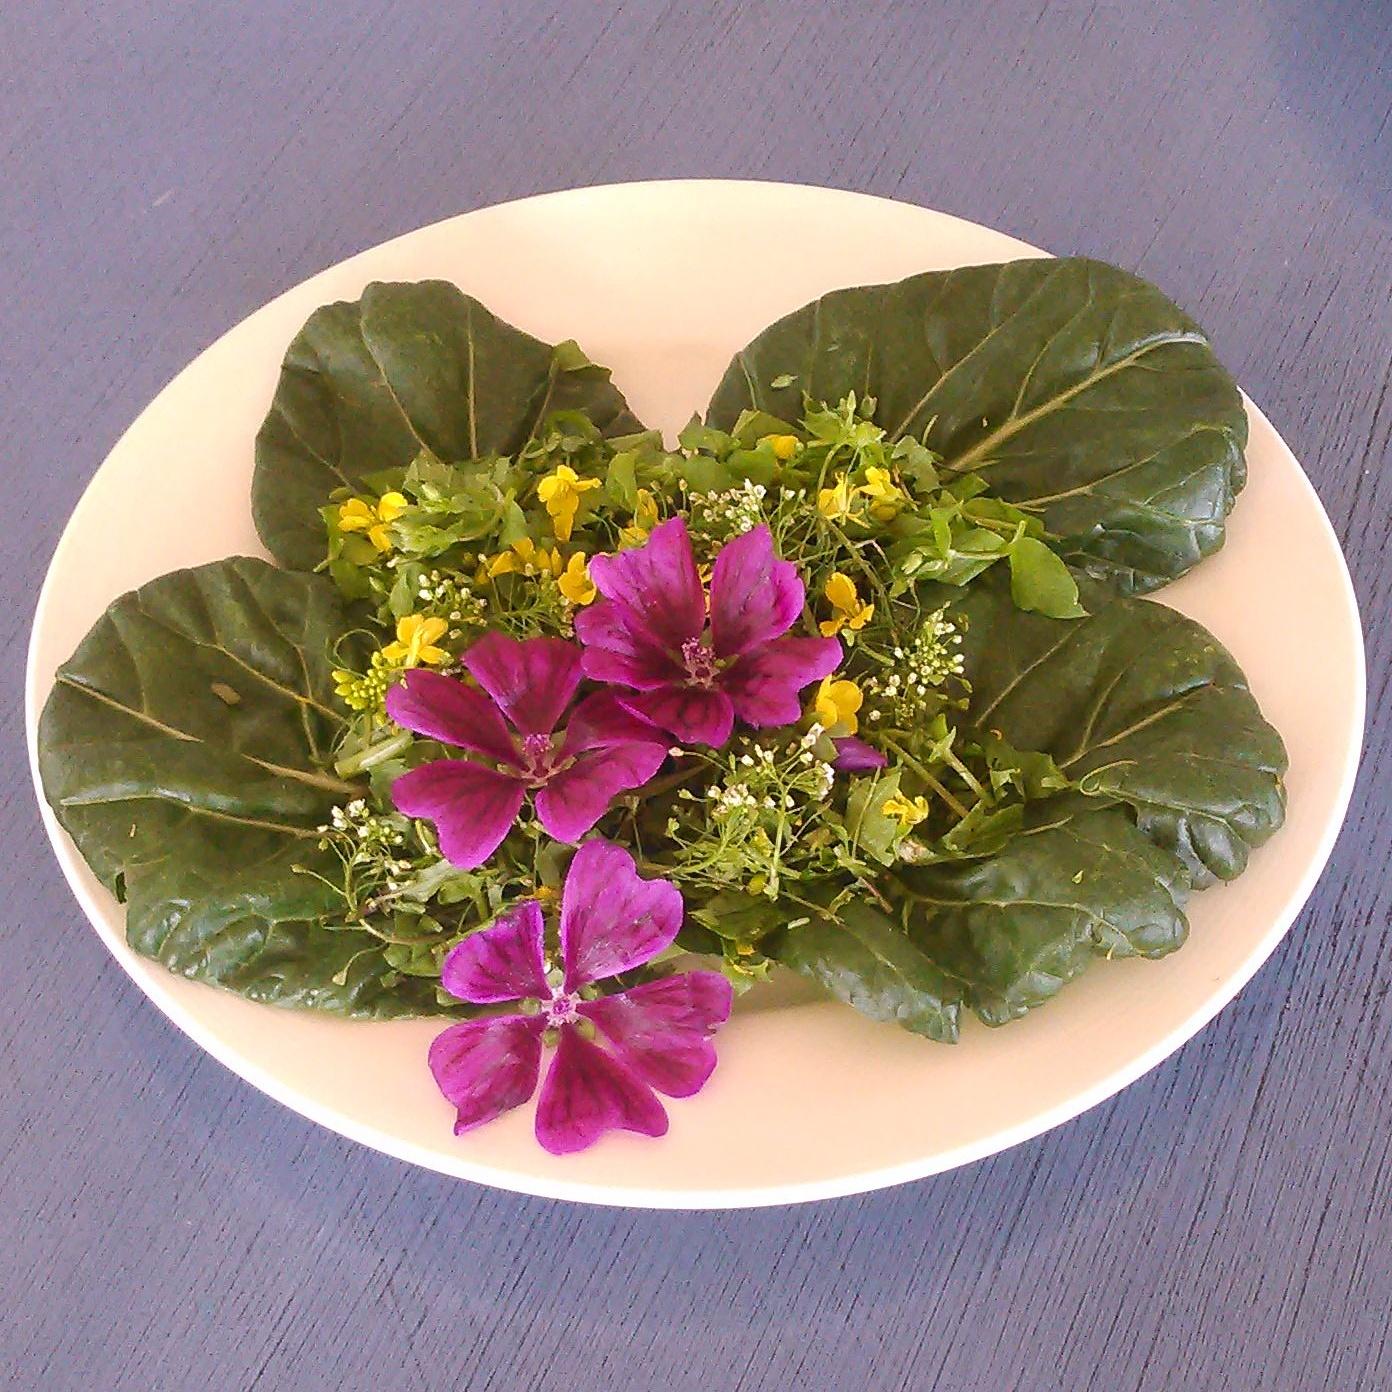 dagens salat består av asiatiske salater, ruccola, namenia,skvallerkål,vassarve og gjetertaske. Blomster av de samme vekstene og kattost på toppen